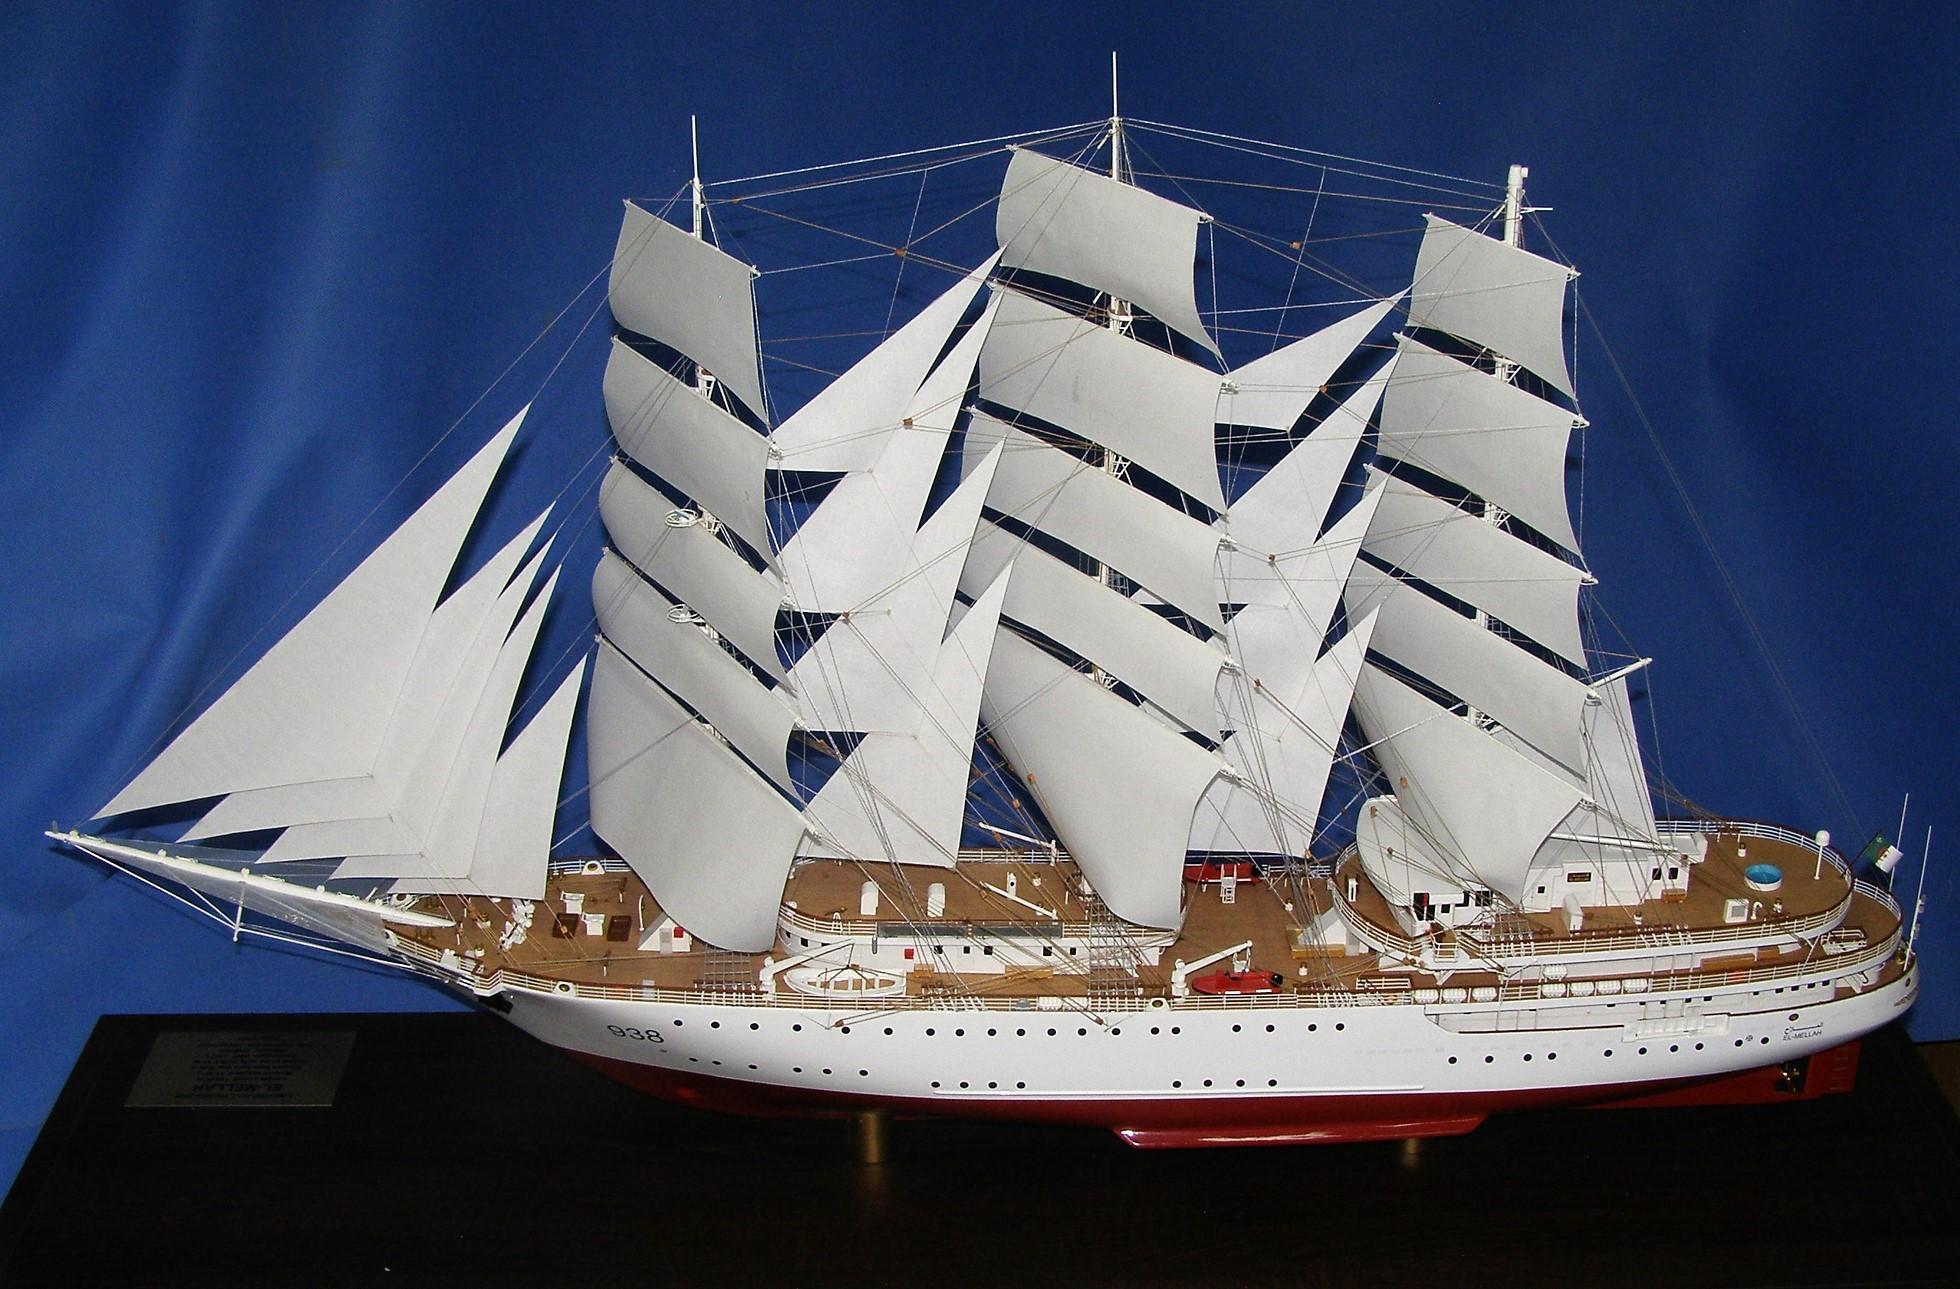 صور السفينة الشراعية الجزائرية  [ الملاح 938 ] - صفحة 11 29154837098_4ef87962c6_o